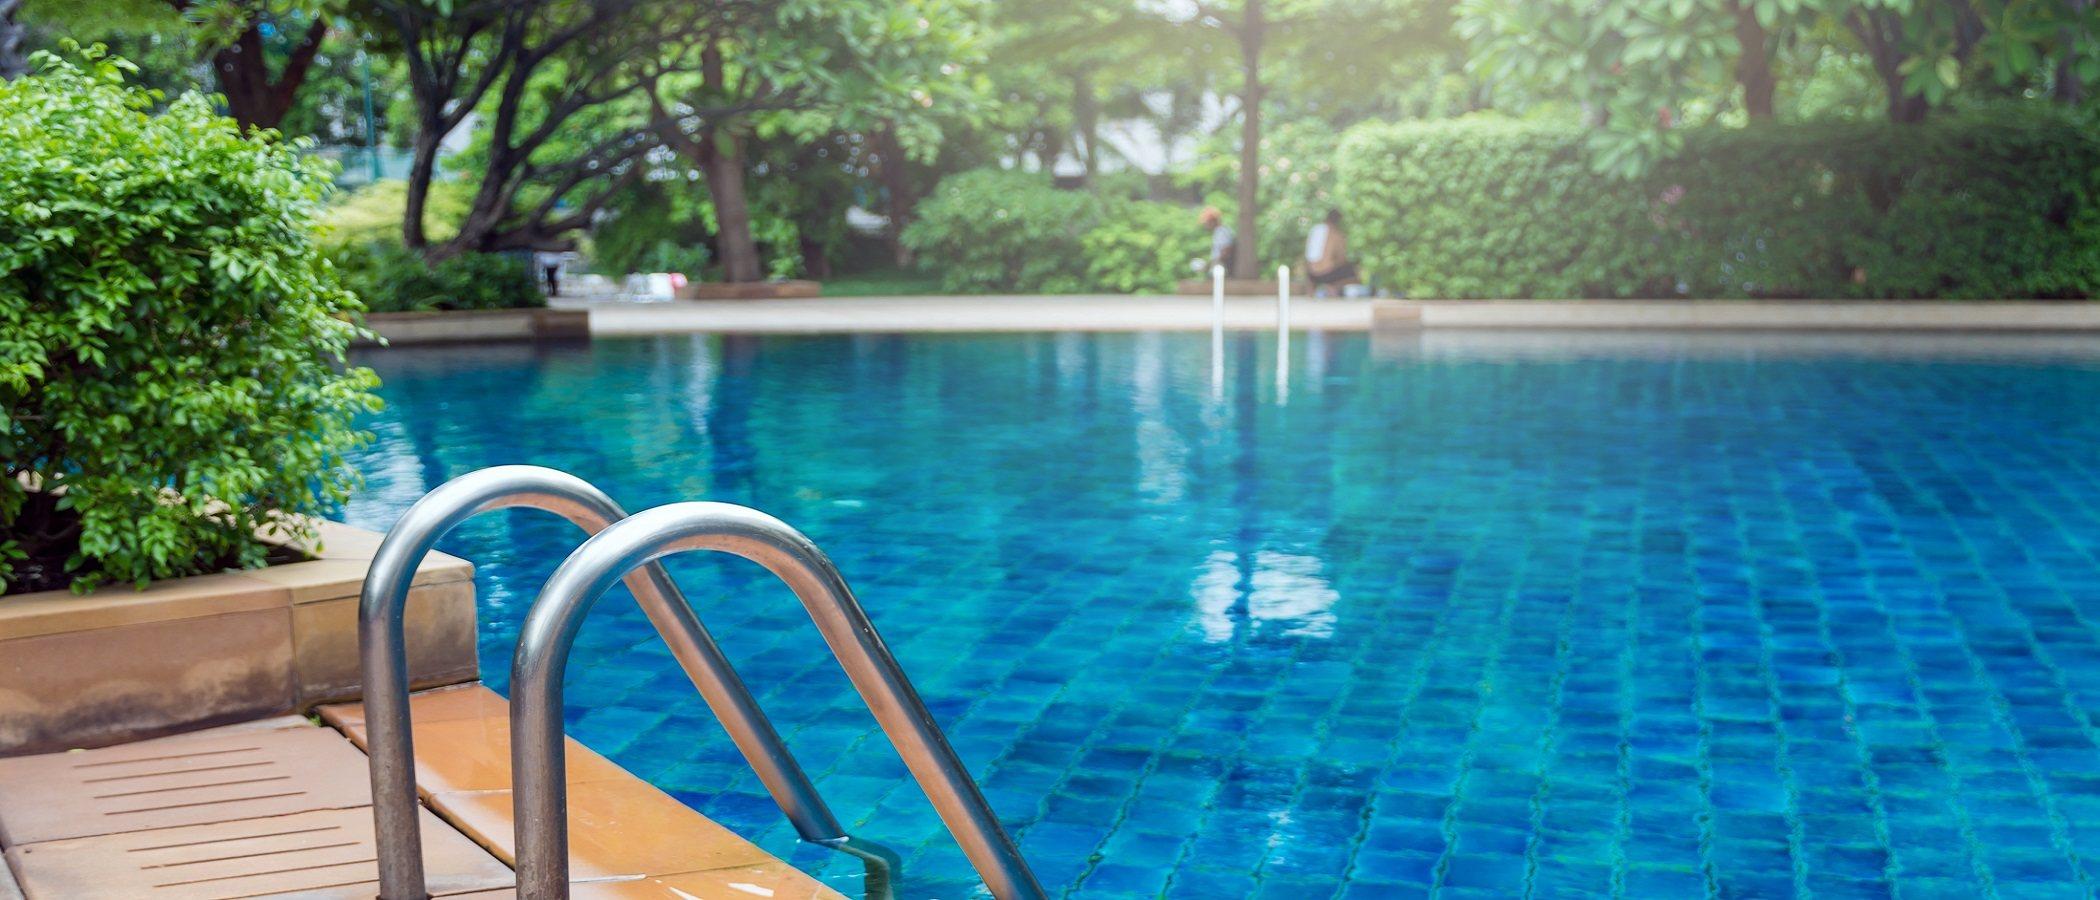 ¿Por qué mi hijo tiene miedo a meterse en la piscina o en la playa?